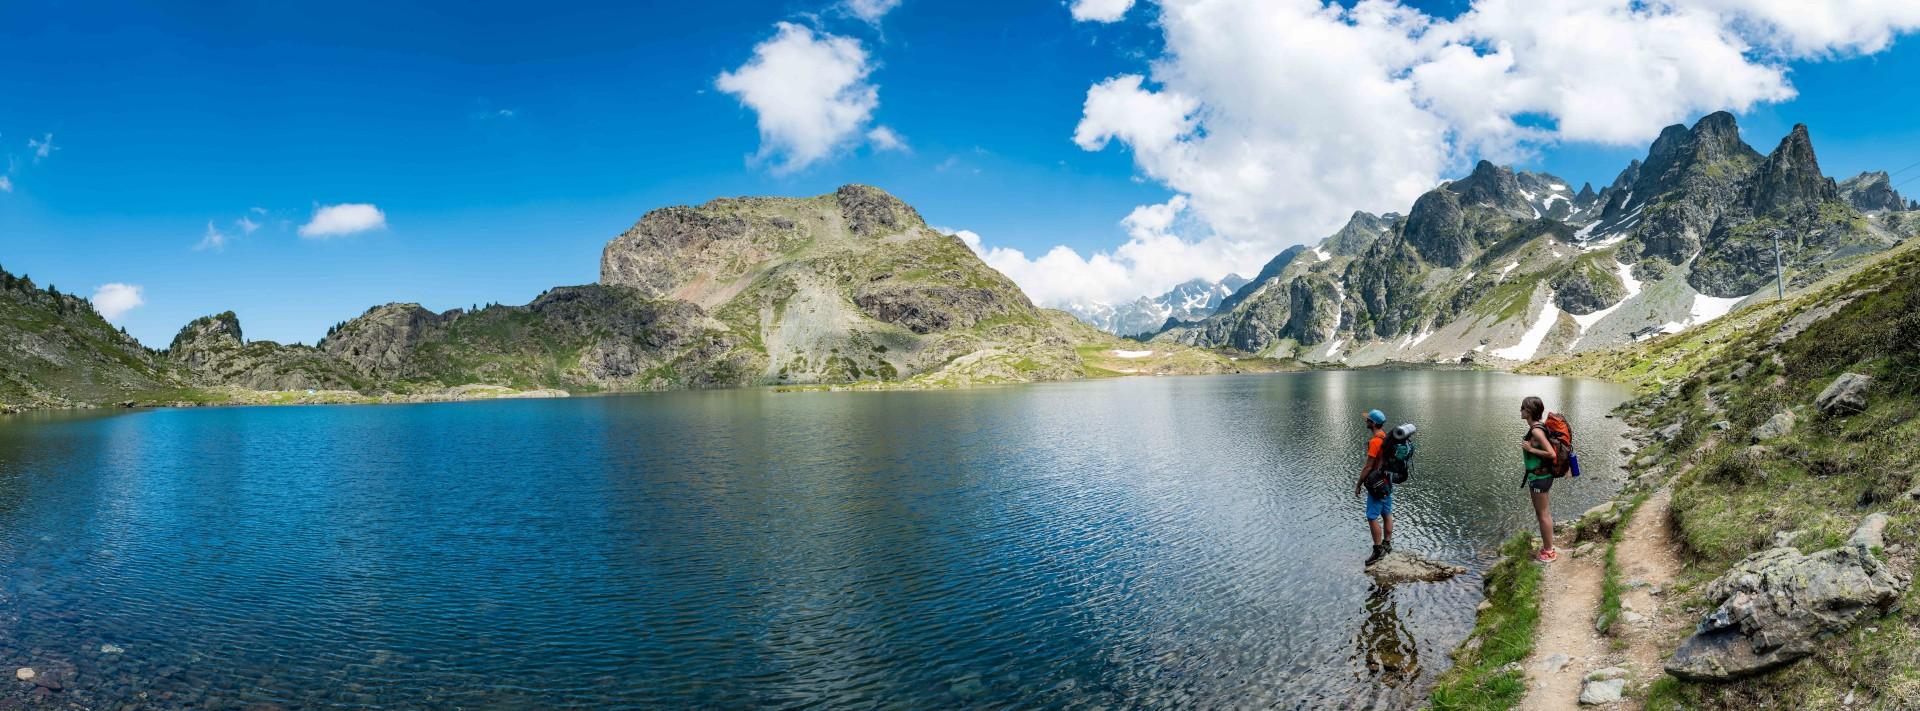 Randonnée montagne Chamrousse